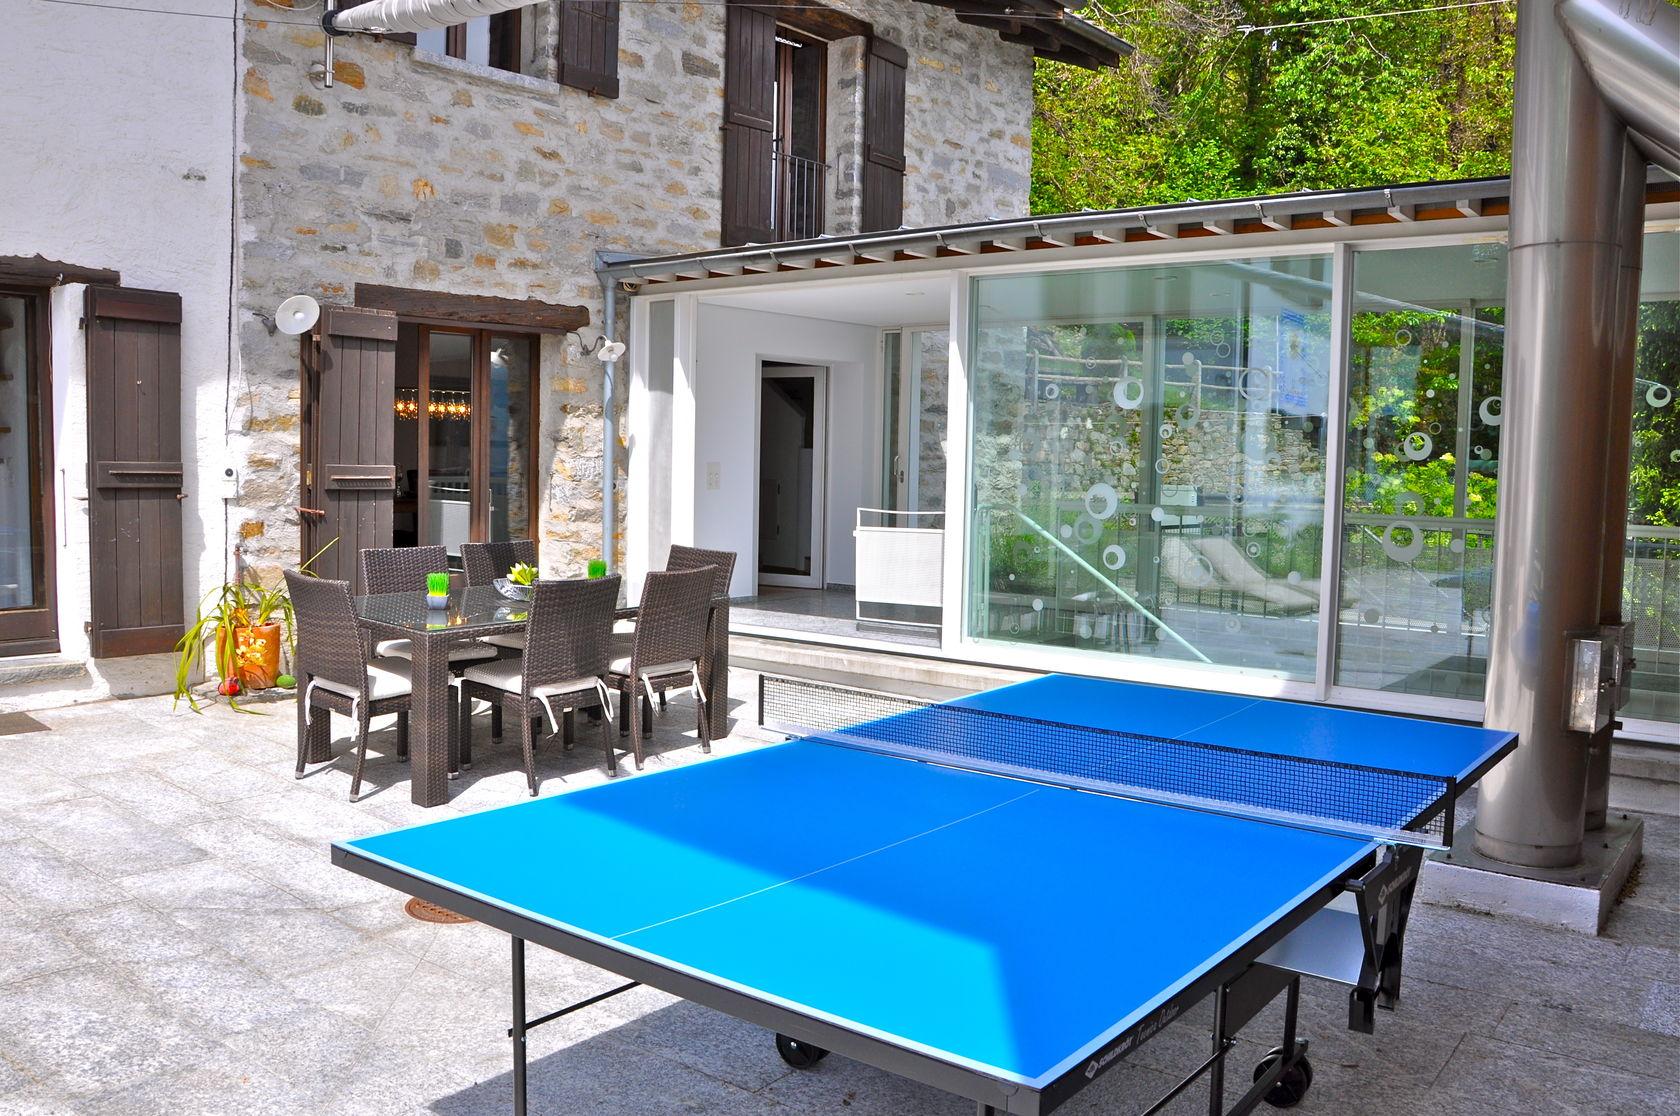 Fotogalerie von villa amici in contra mit pool seesicht - Formentera ferienhaus mit pool ...